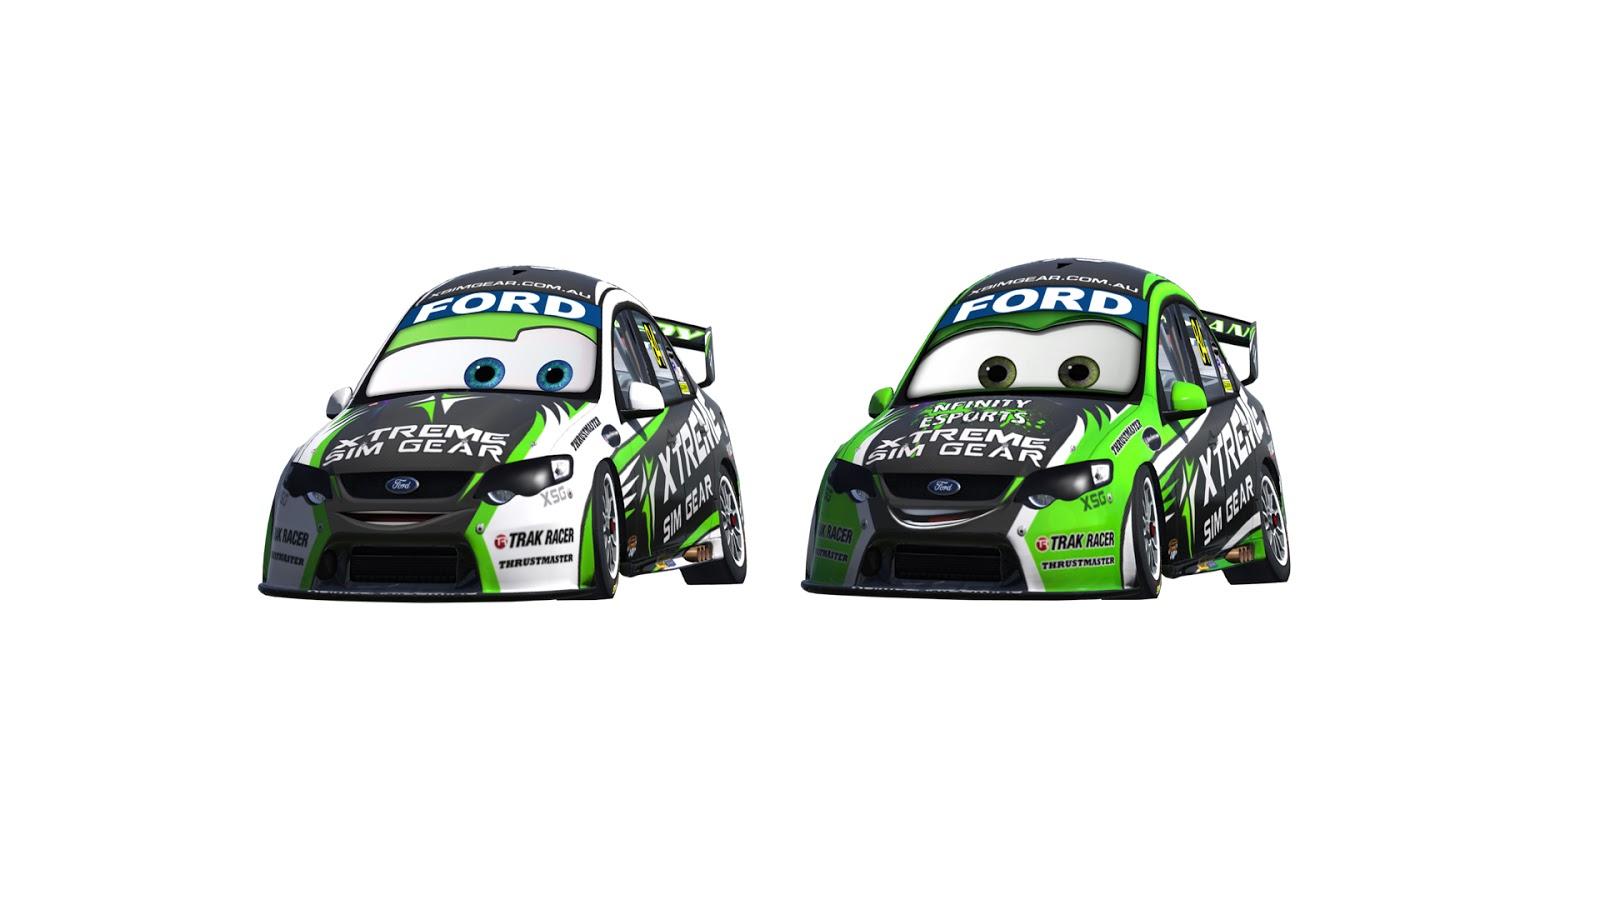 Bmw Car Wallpaper Simdesignr V8 Supercar Cartoon Quot Cars Quot